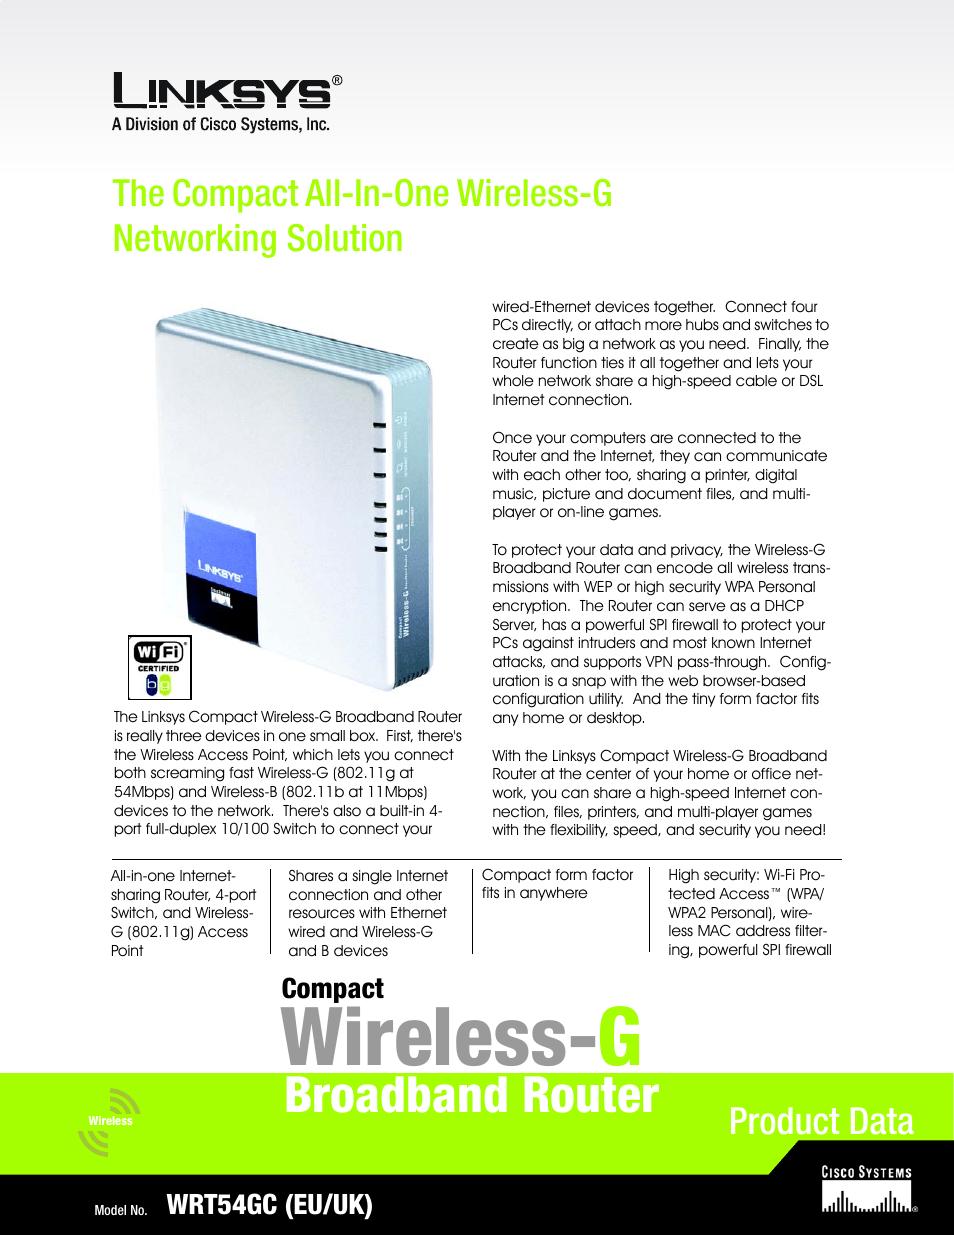 LINKSYS WRT54GC USER MANUAL PDF